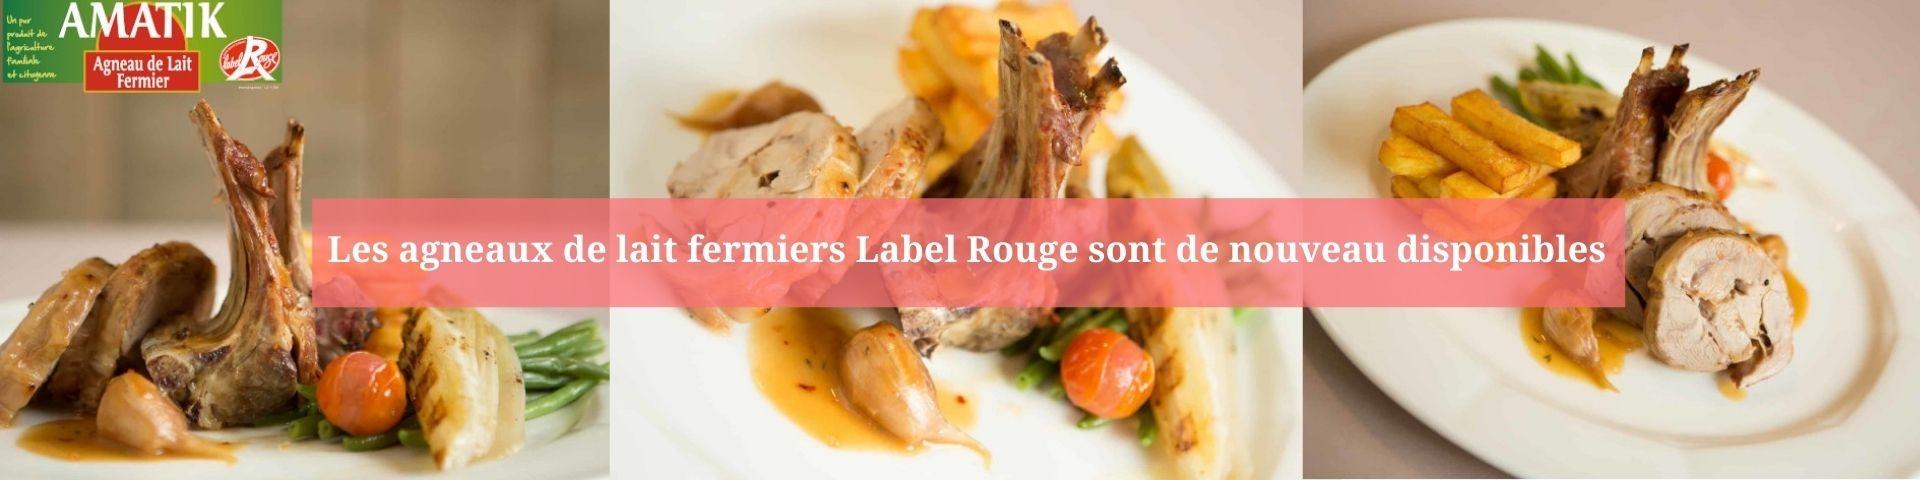 Agneau de lait de Pyrénées Label rouge